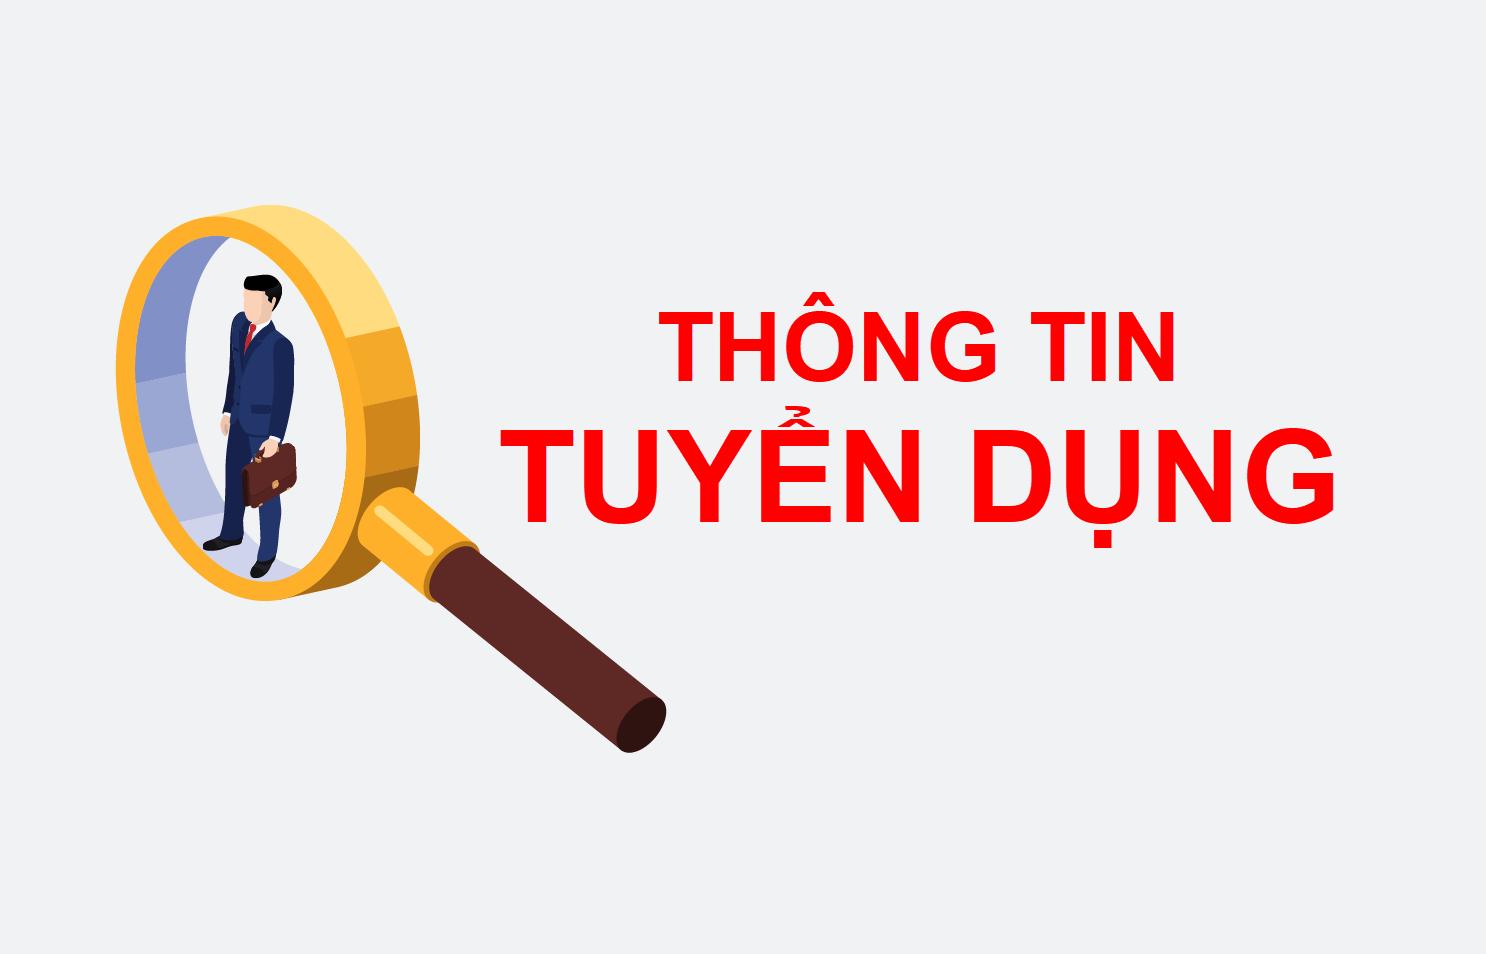 hinh-thong-tin-tuyen-dung